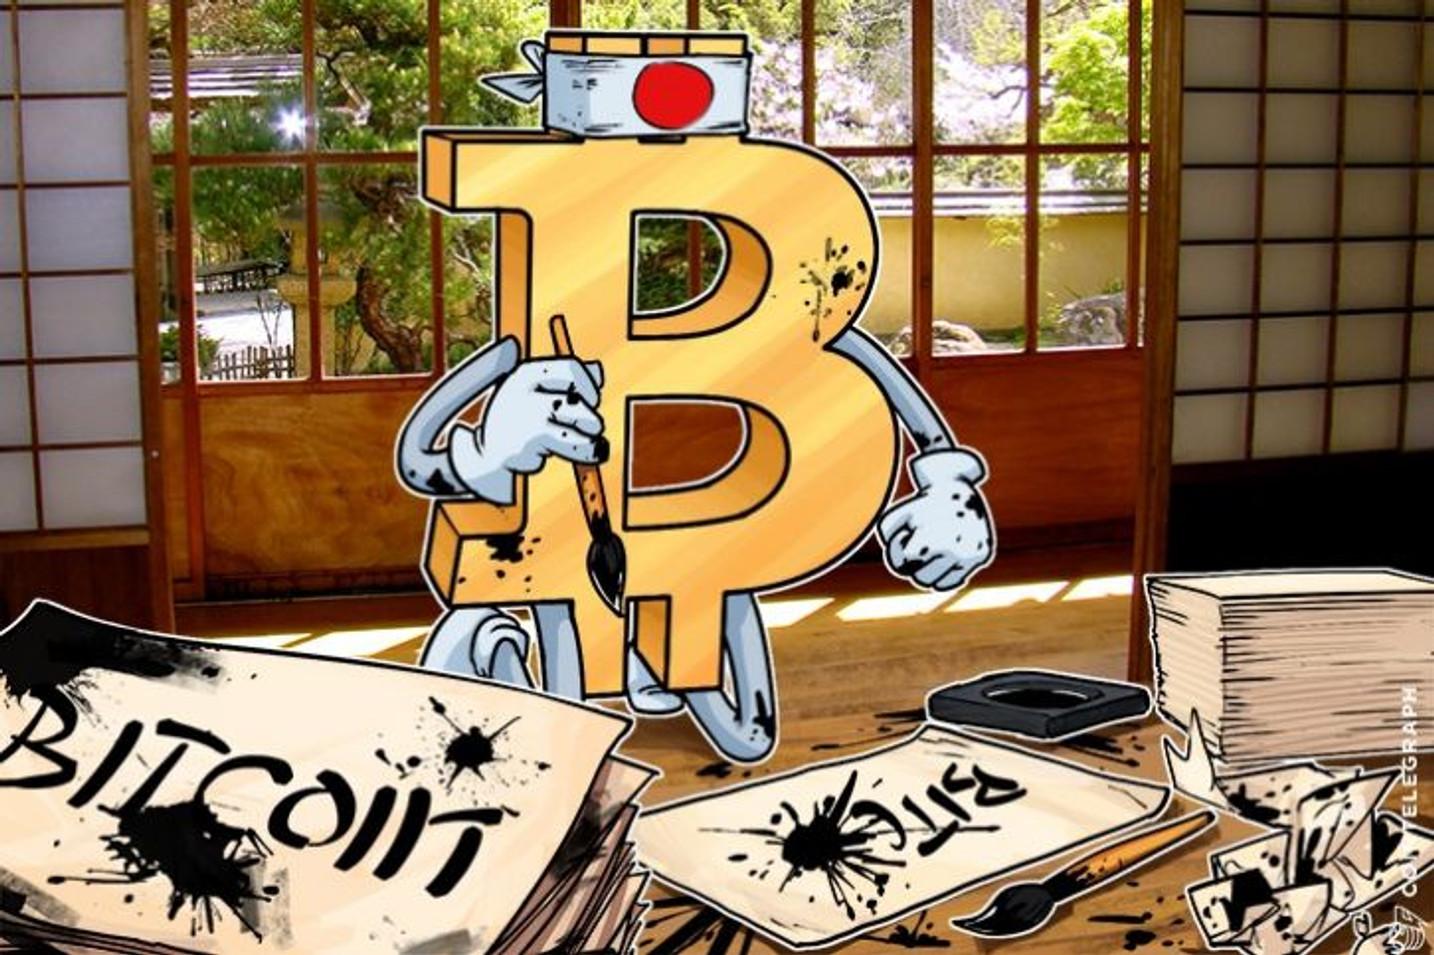 ビットコインに優しい政府と、粗末なインフラ―日本の奇妙なビットコイン事情